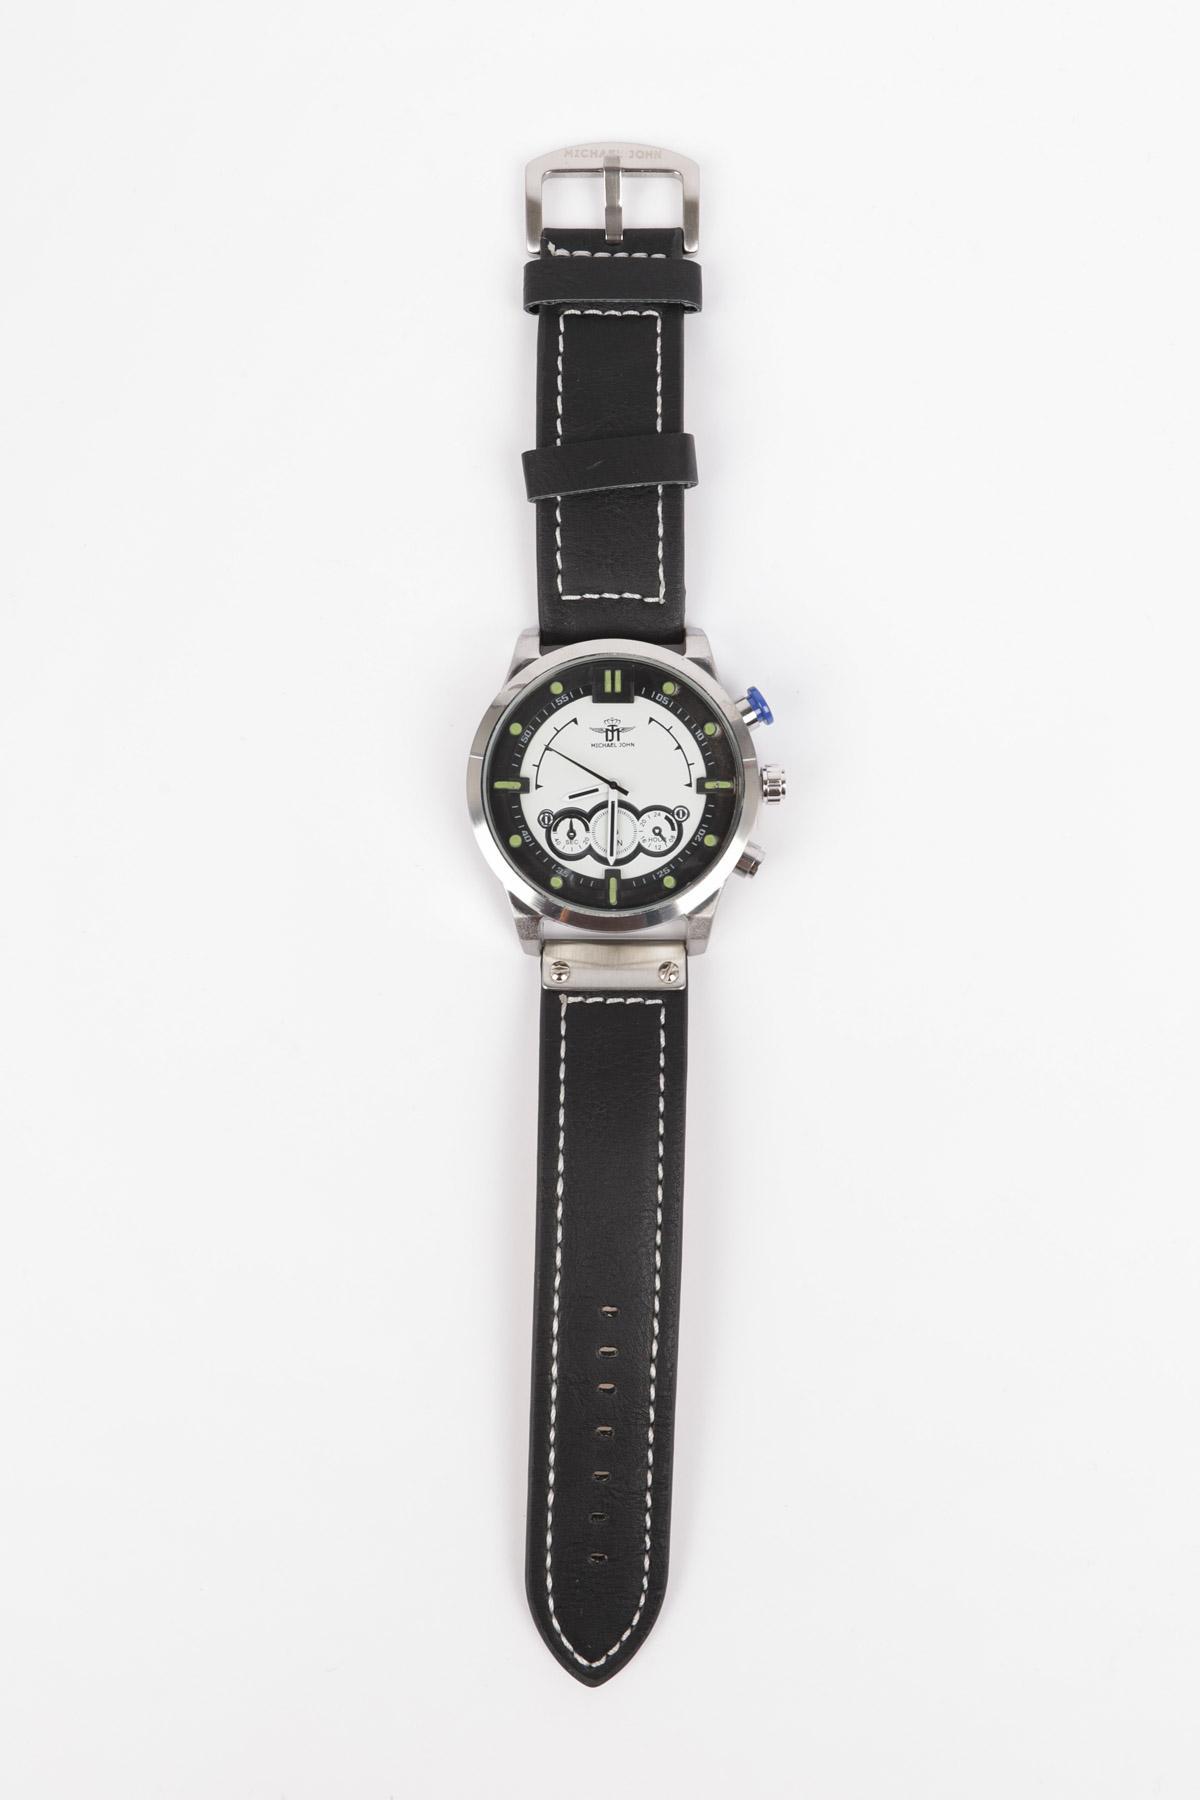 Montres Accessoires Argent/Blanc MICHAEL JOHN ET GG LUXE PK-915 #c eFashion Paris